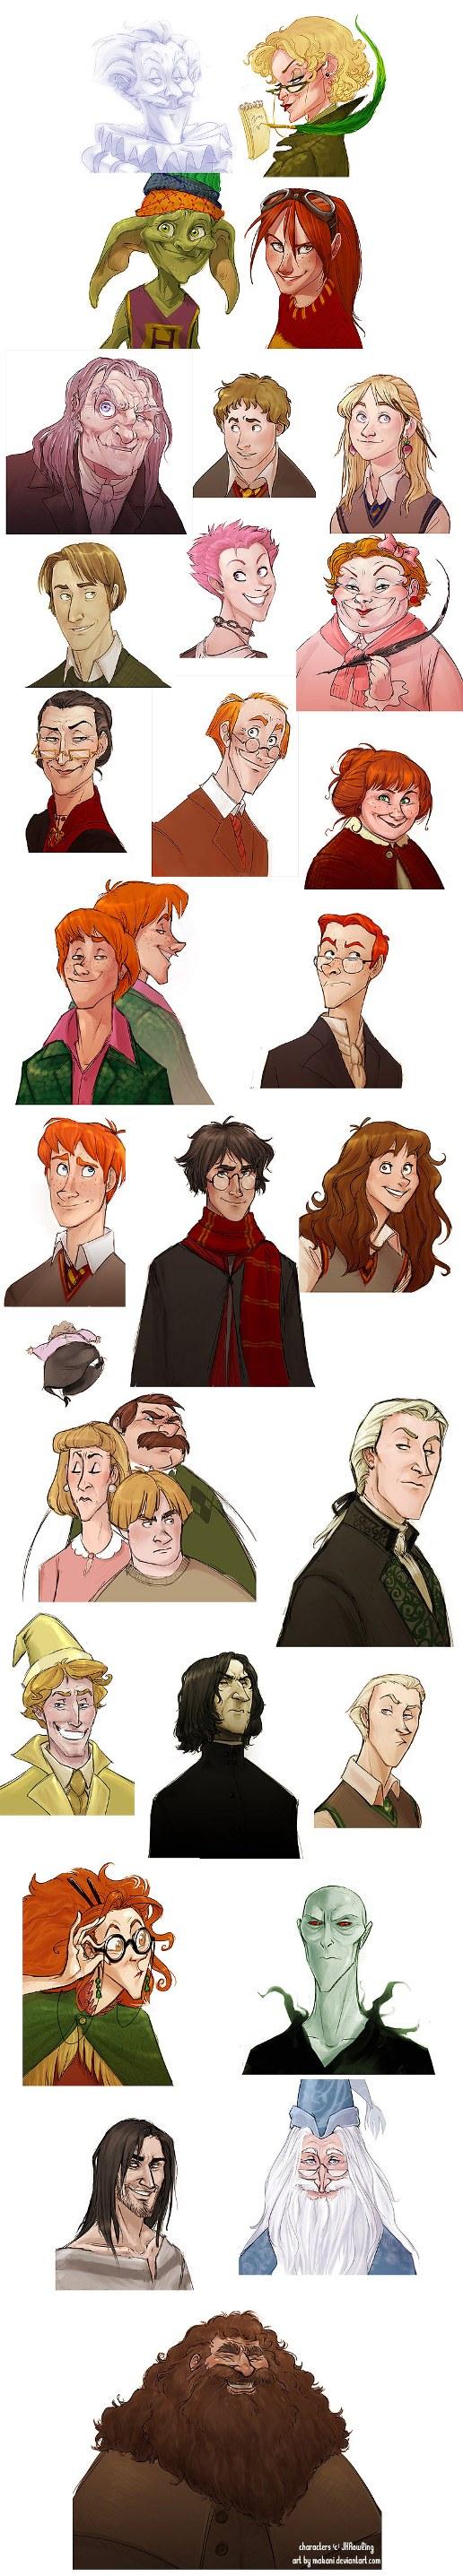 Artista Cria Versão De Personagens De Harry Potter No Estilo